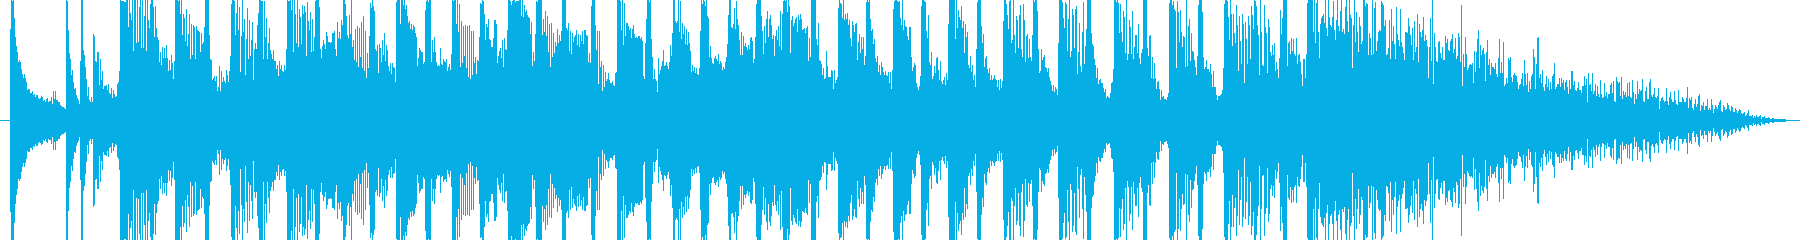 軽快なディスコ風の登場時のジングルの再生済みの波形